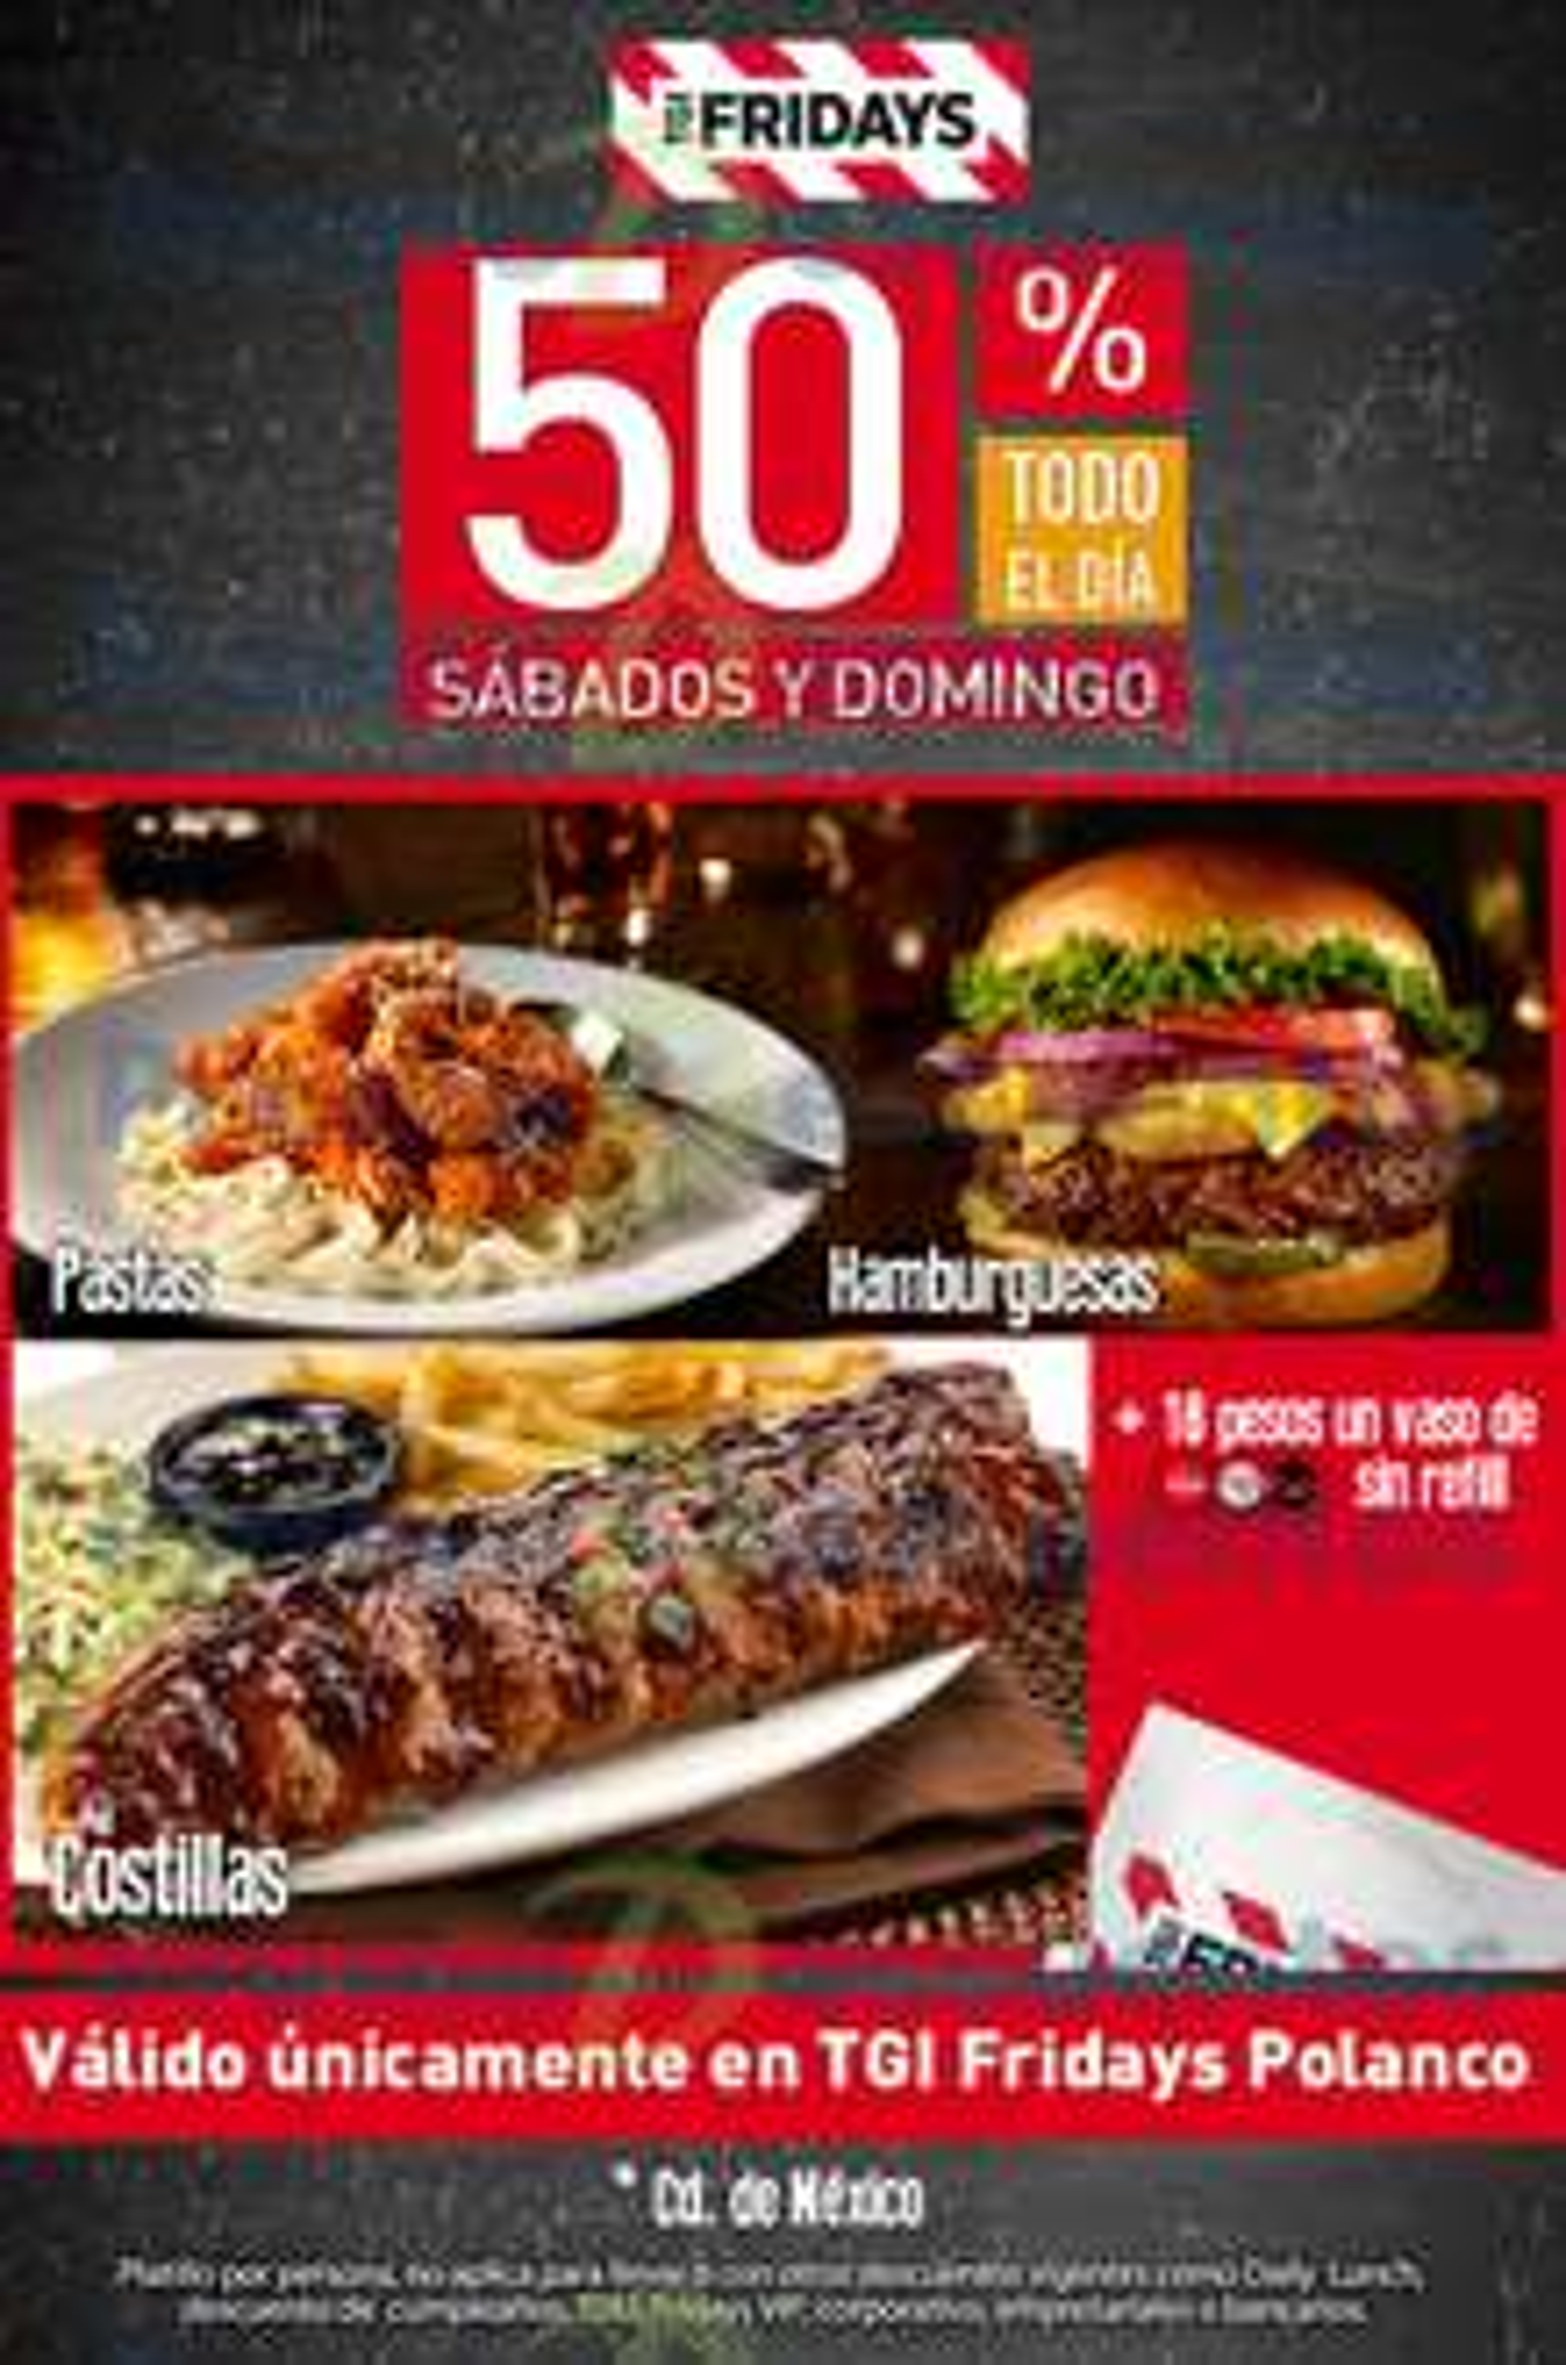 TGI Friday's: 50% de descuento en costillas, hamburguesas y pastas (por sucursal) + promoción de Happy Hour